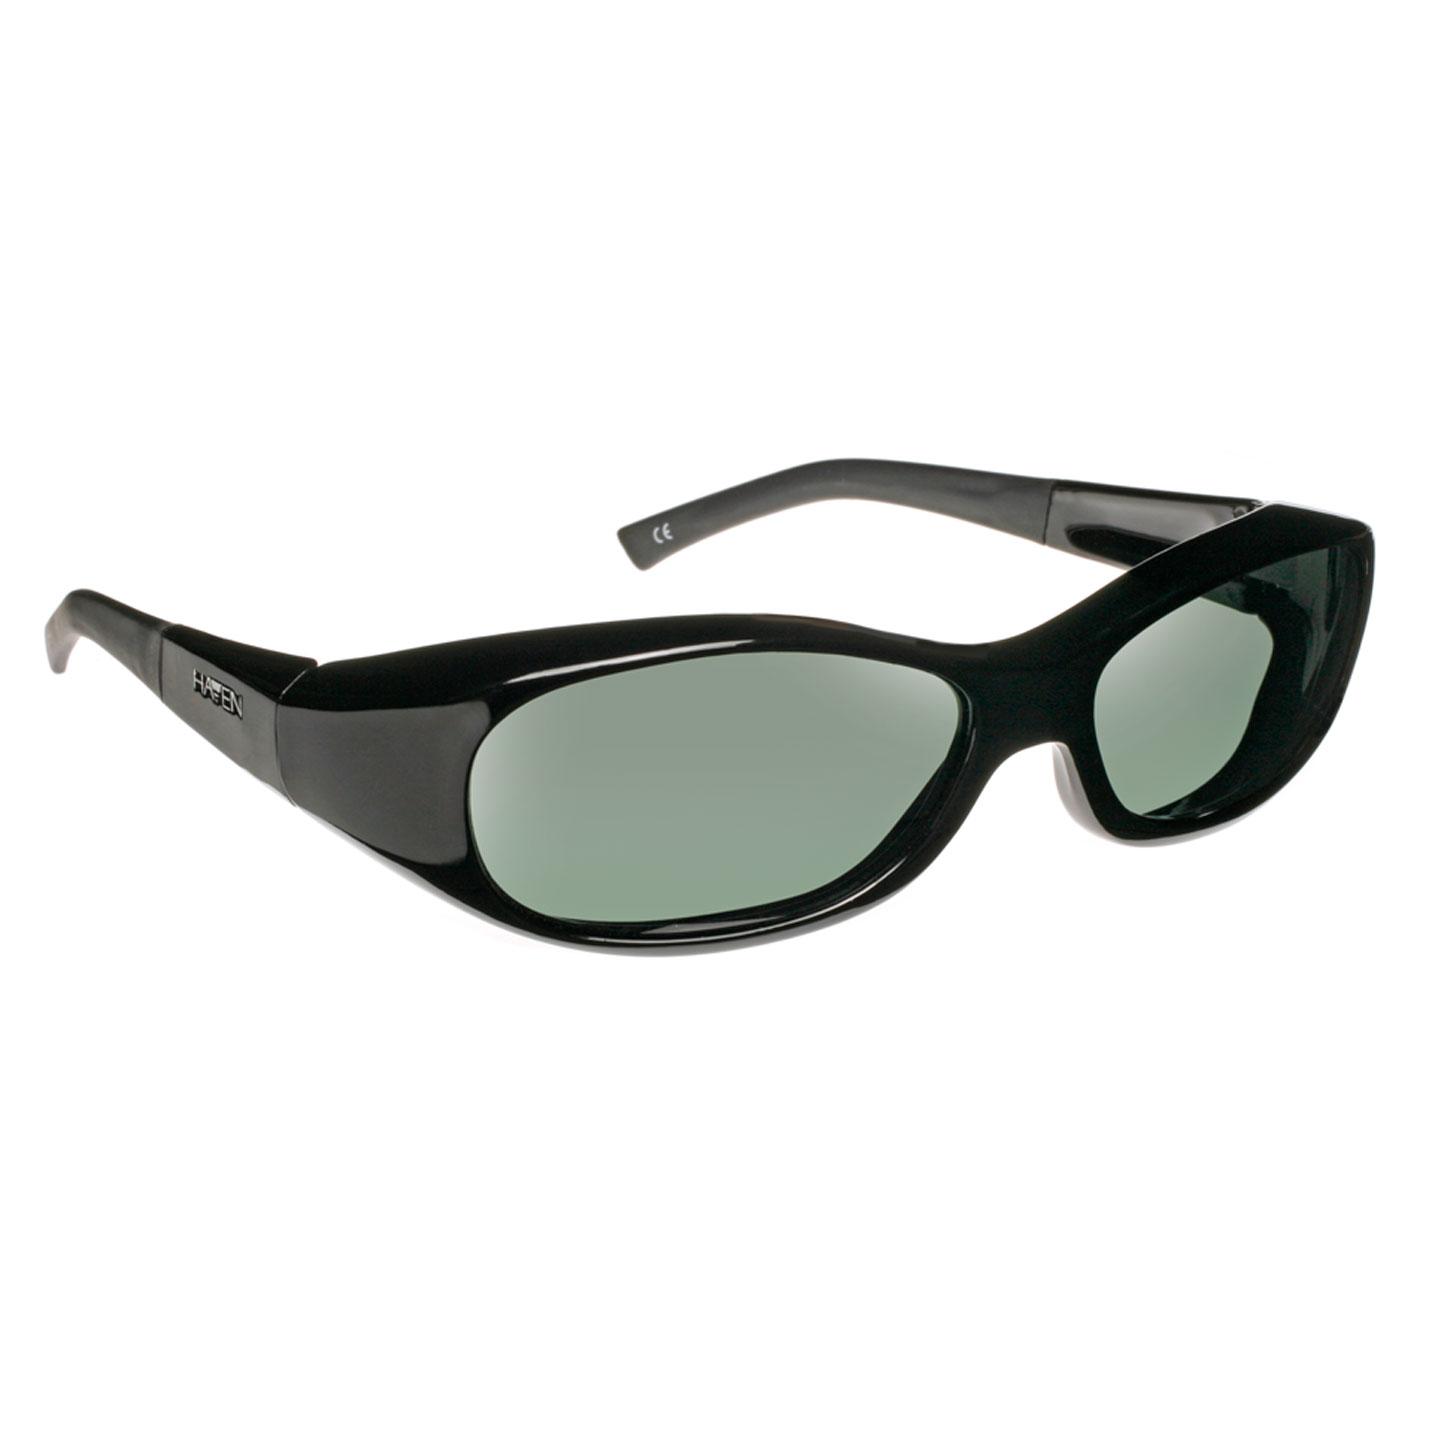 Les lunettes de soleil montures enveloppantes – AVALON